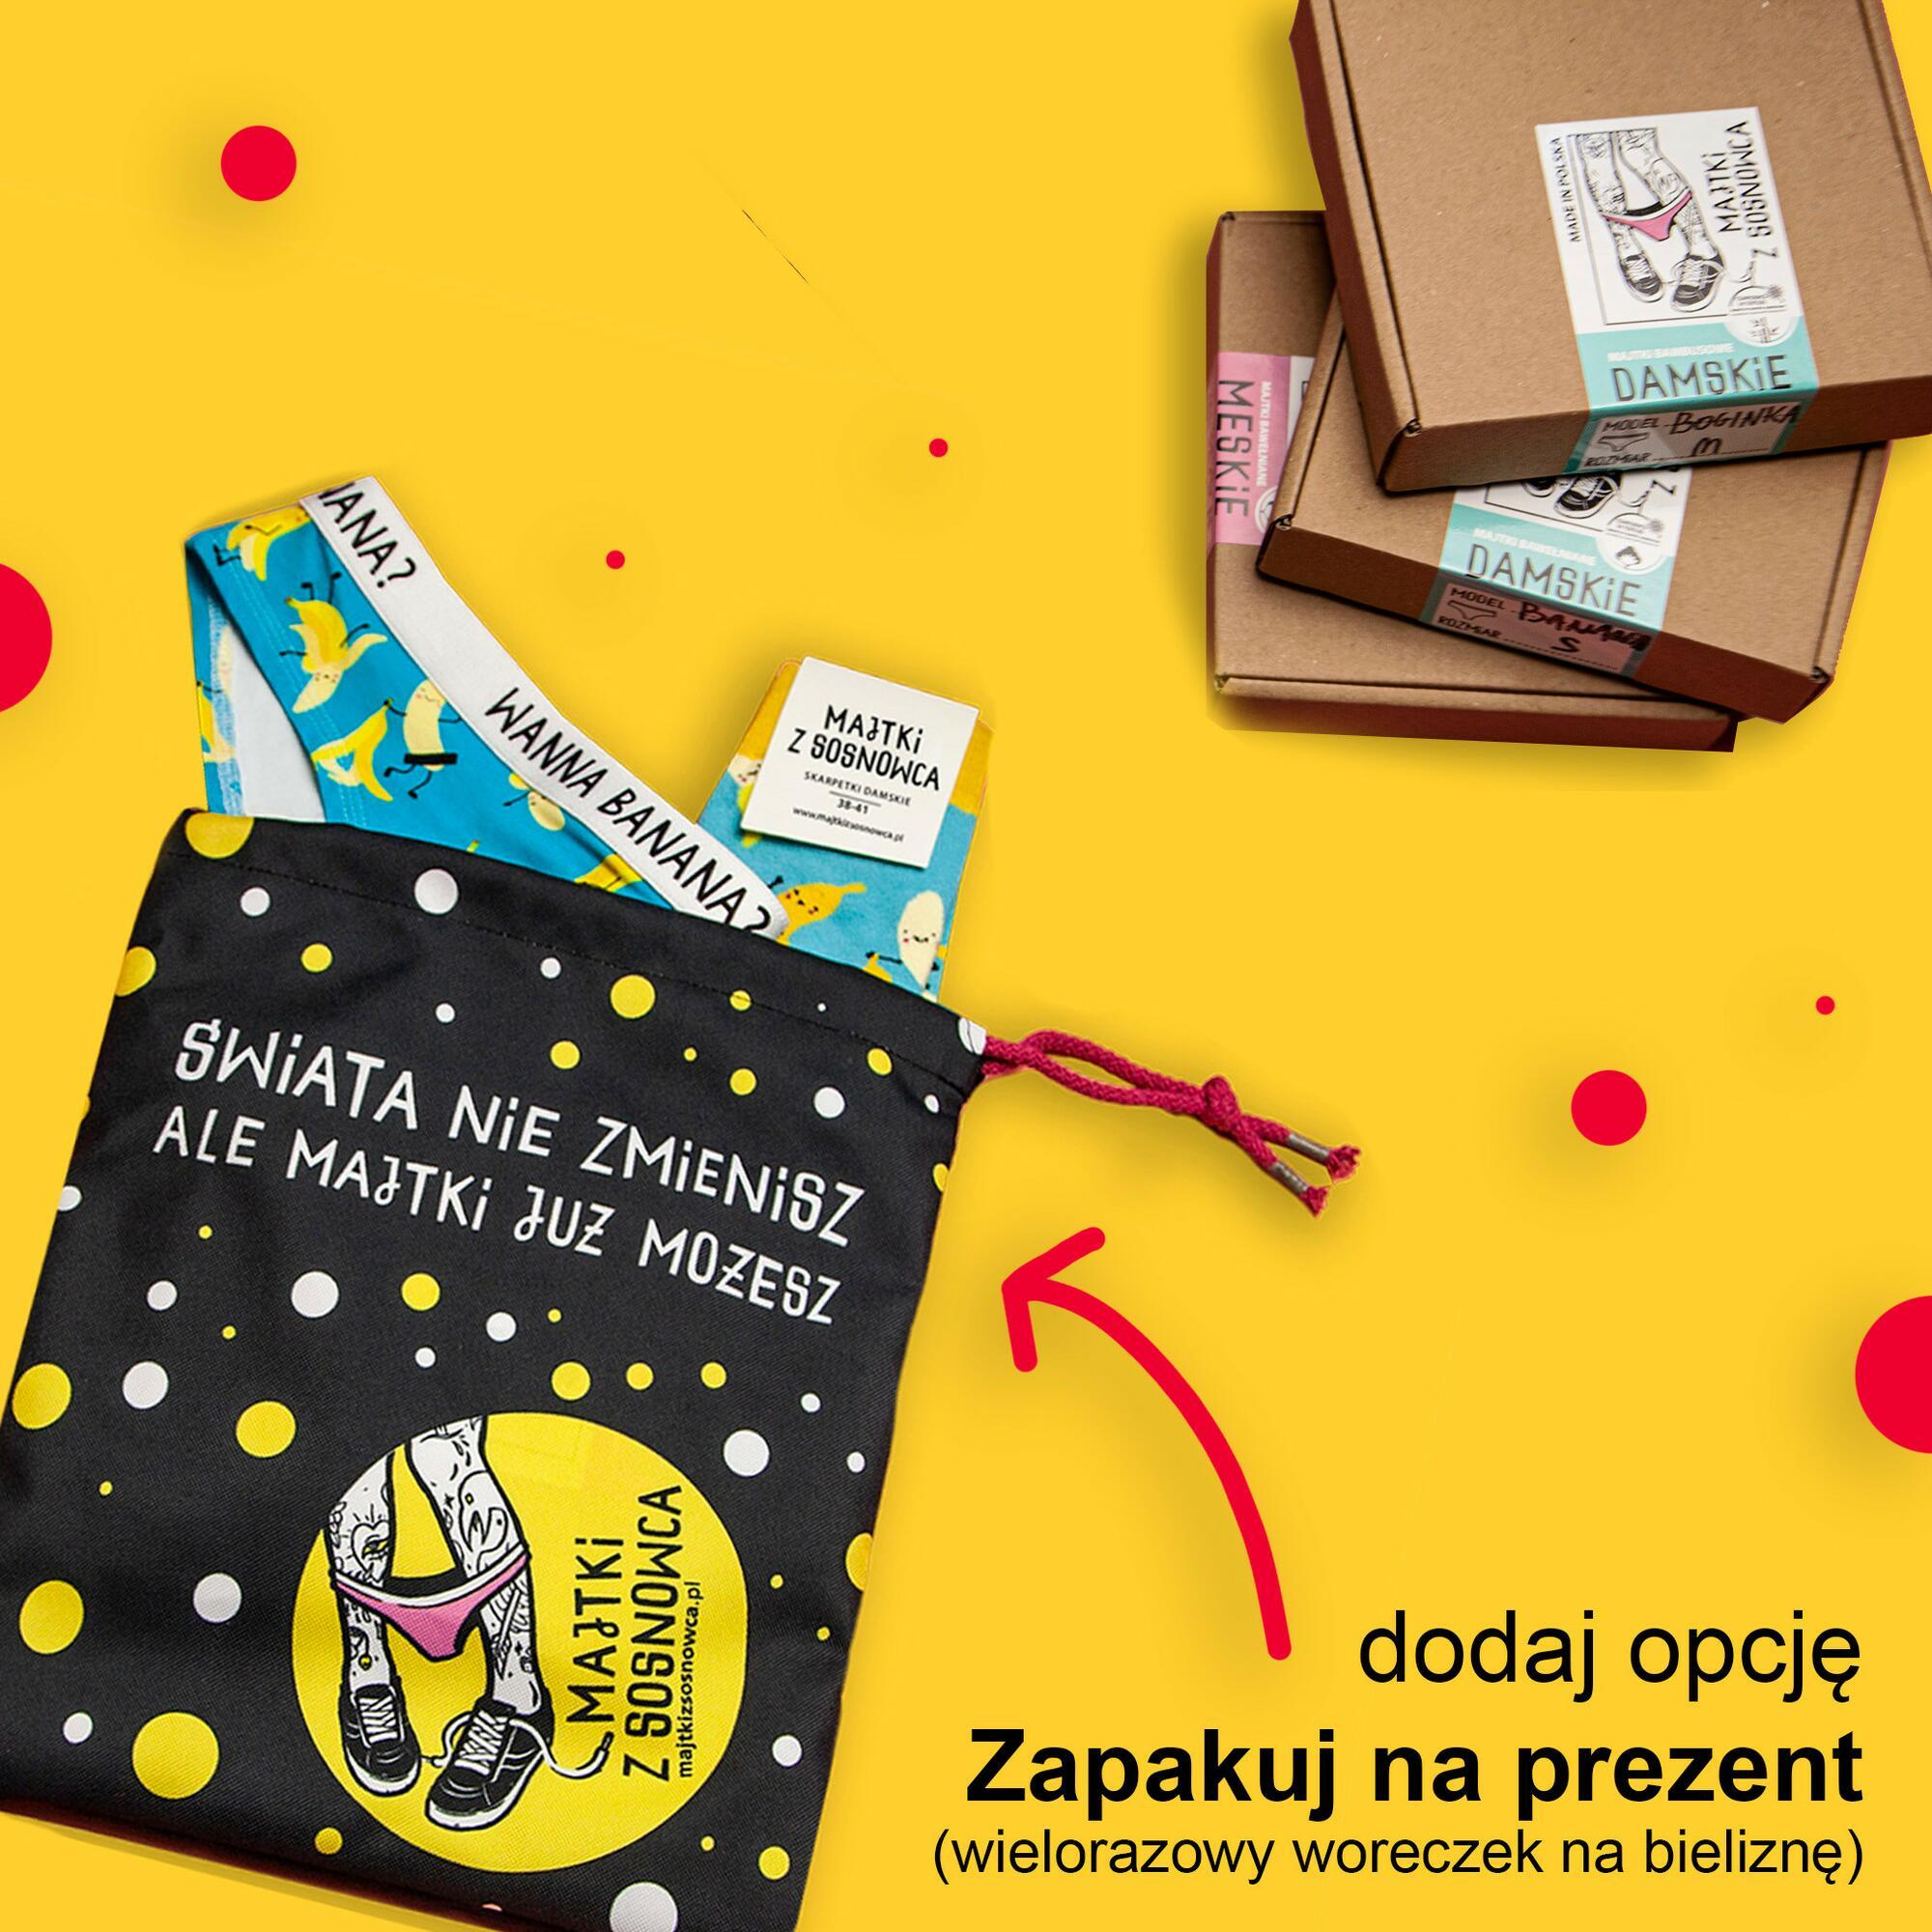 Majtki do bzykania - figi bawełniane damskie - Majtki z Sosnowca by After Panty | JestemSlow.pl